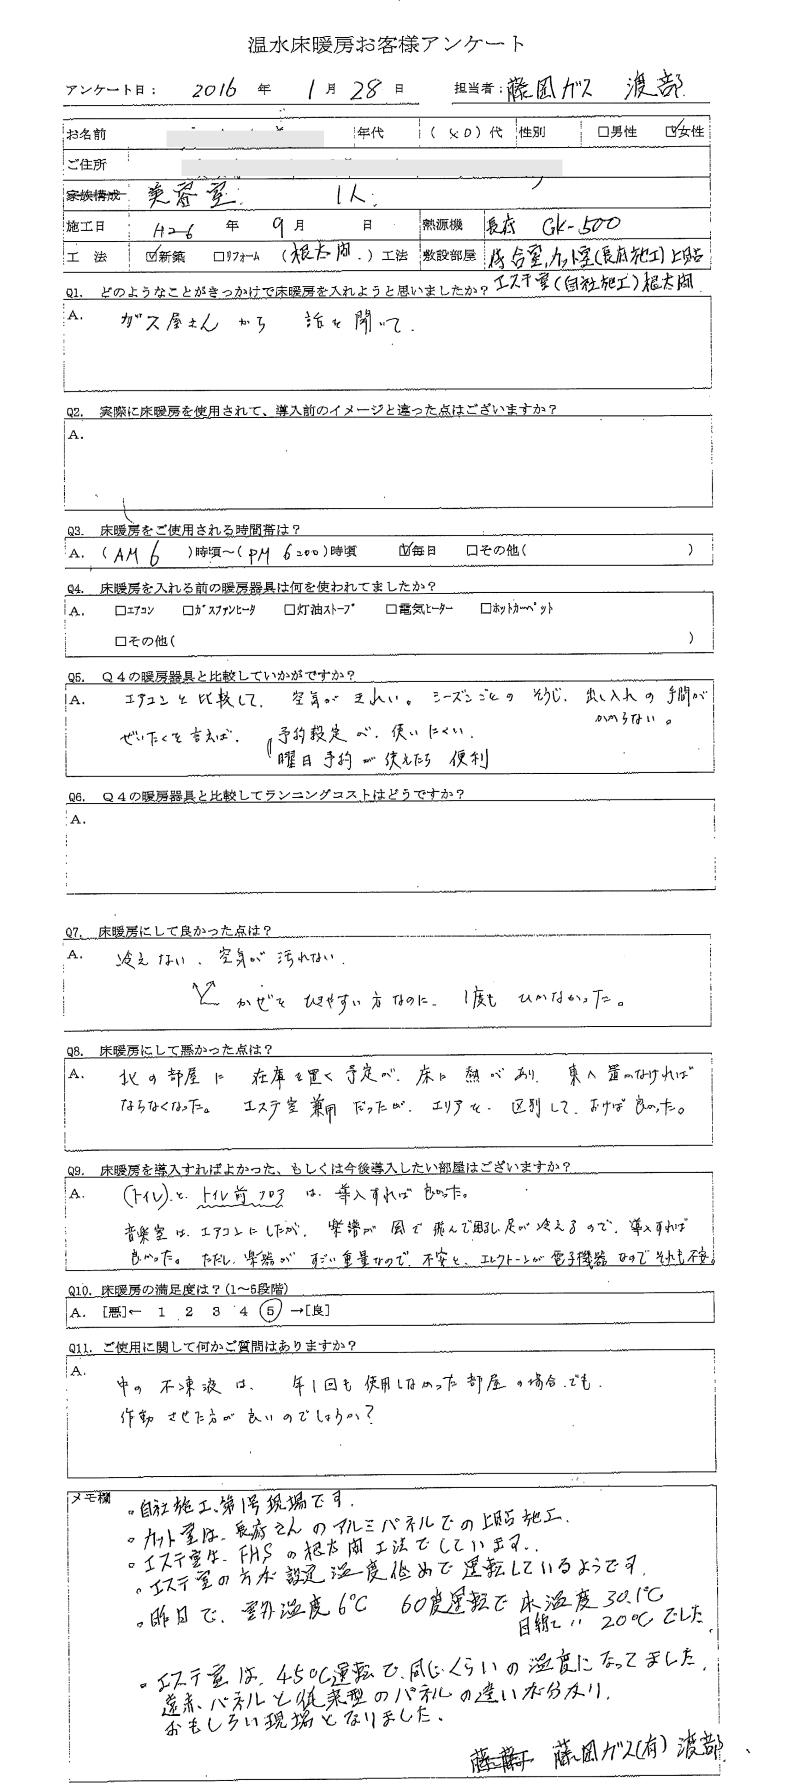 voice_questionnaire01